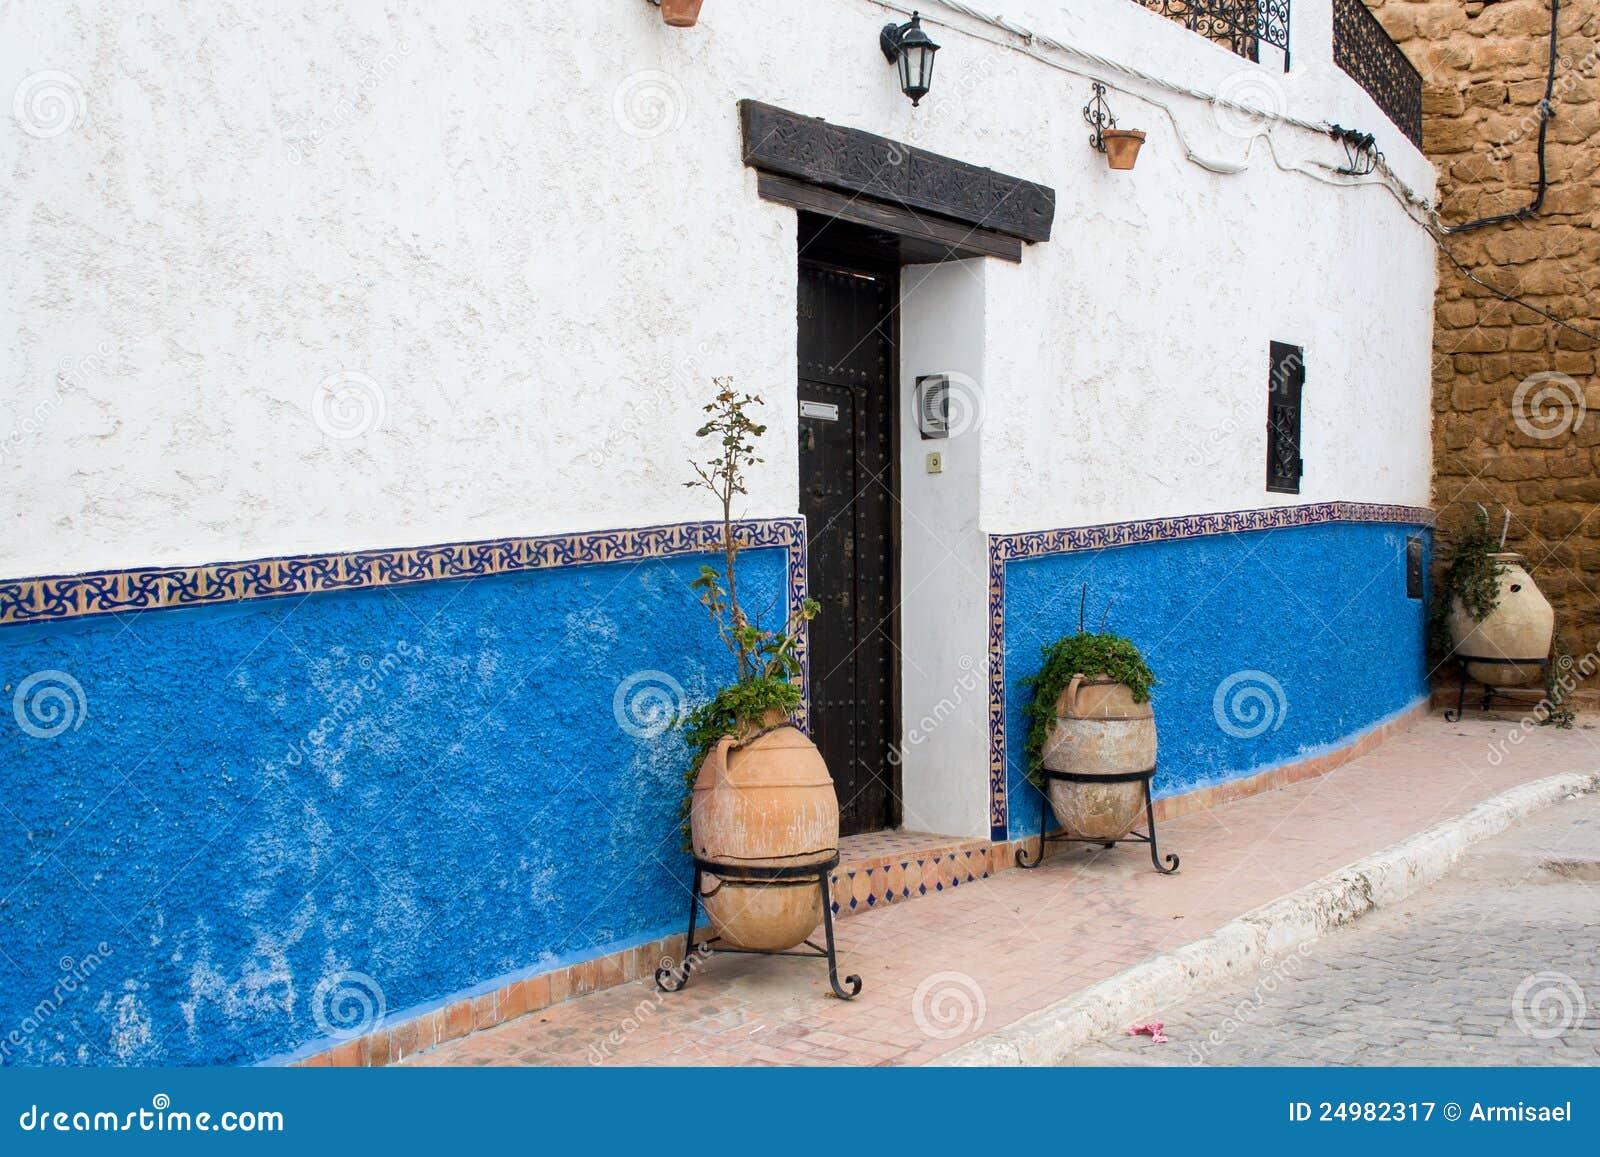 Door Of A House In The Casbah Of Rabat